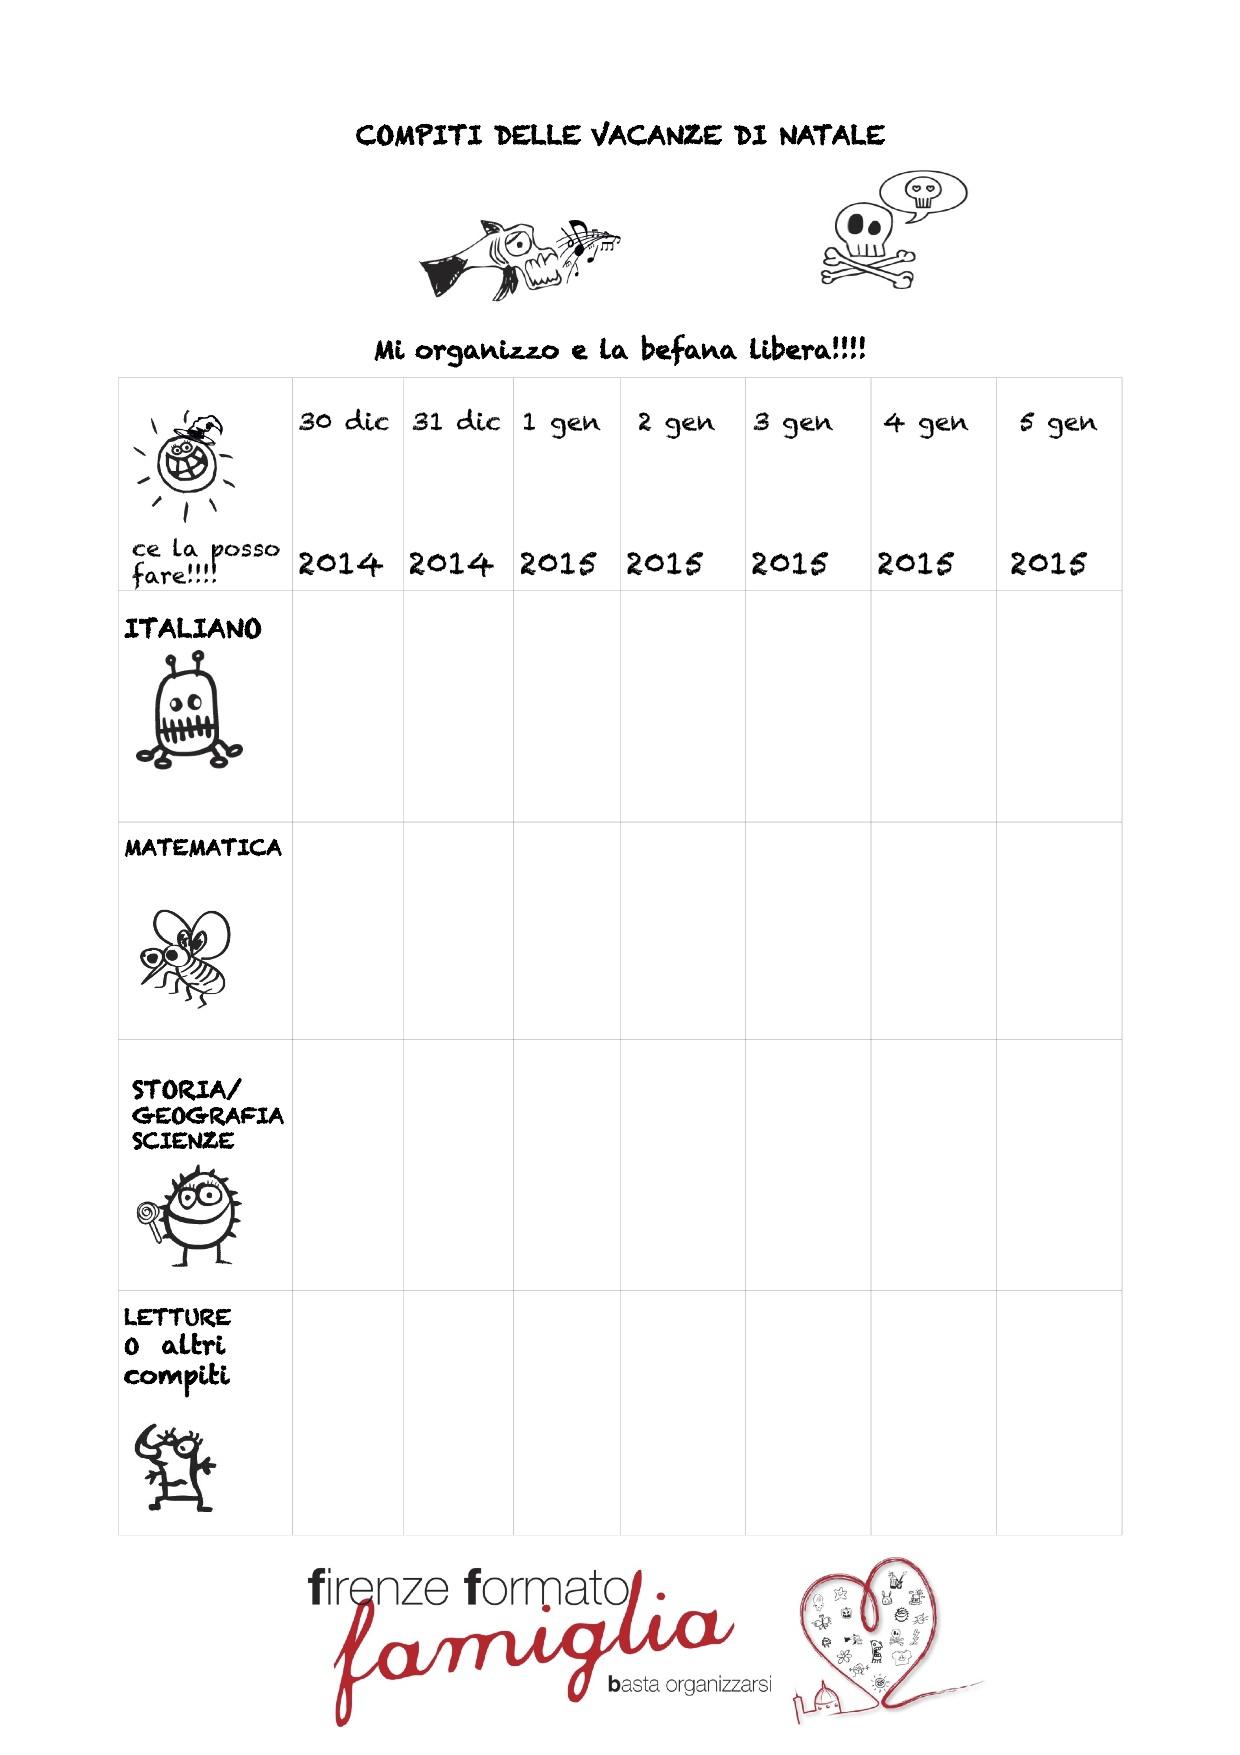 Top Compiti delle vacanze di Natale organizzarsi bene HM02